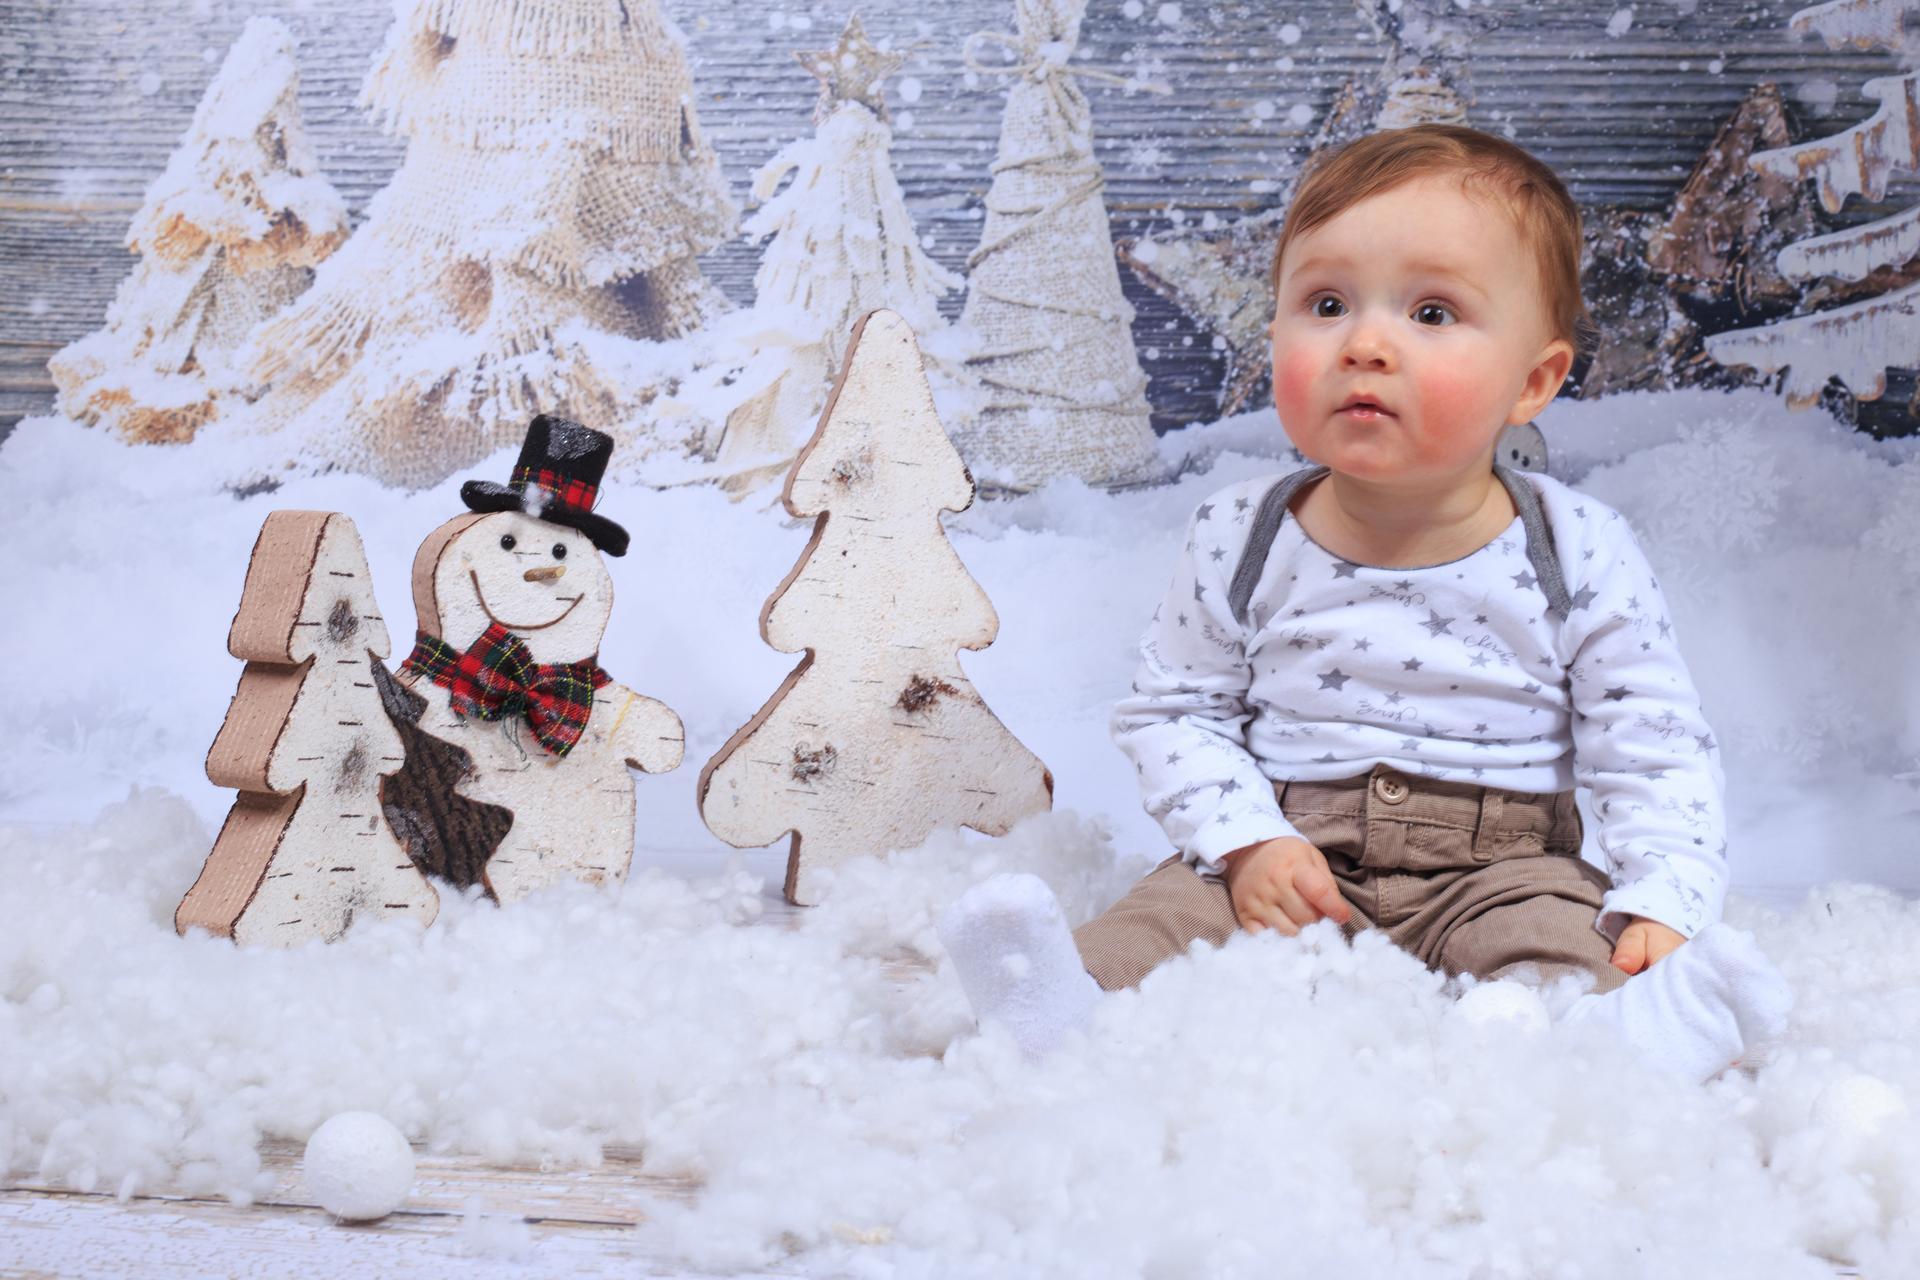 Přeji Vám všem krásné prožití vánočních svátků a v novém roce hlavně hodně zdraví ❤️ Budou to naše první společné Vánoce ve třech, moc se na ně těšíme ❤️ A hned po novém roce, 2.1. oslaví Honzík své 1. narozeniny ❤️ - Obrázek č. 3